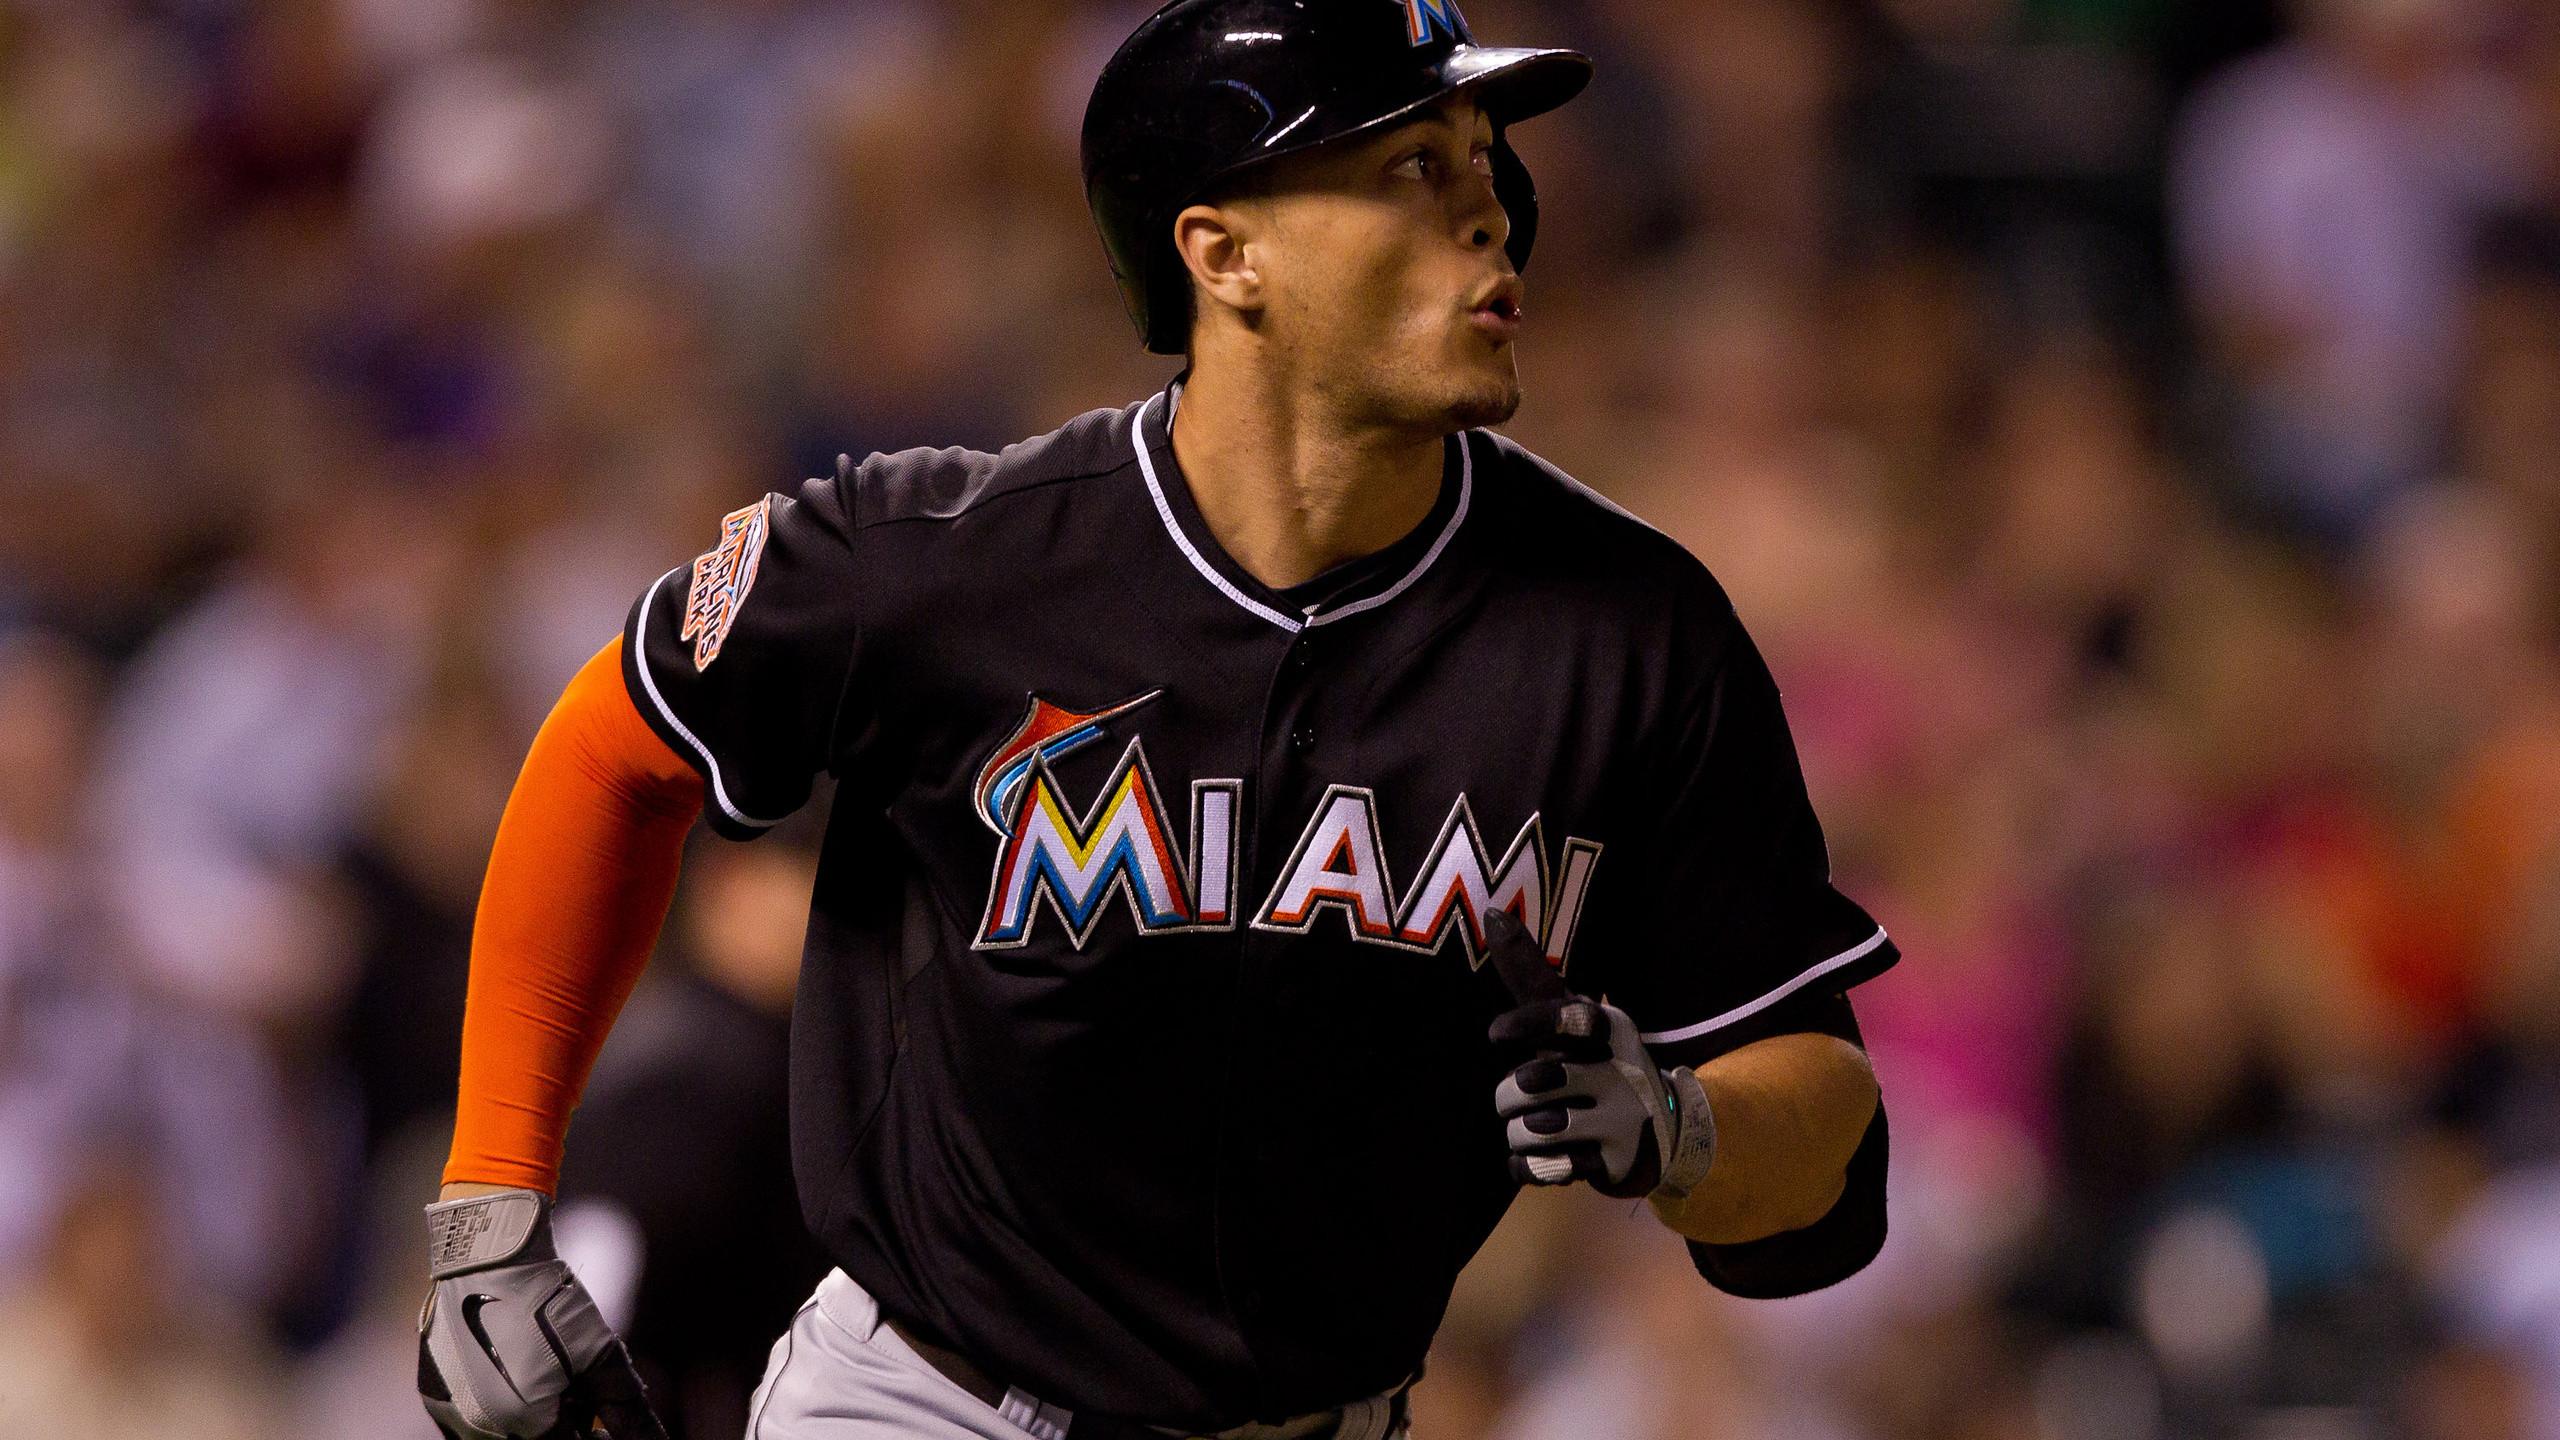 Miami Marlins, Mlb, Sports, Baseball, Miami Marlins Baseball Player